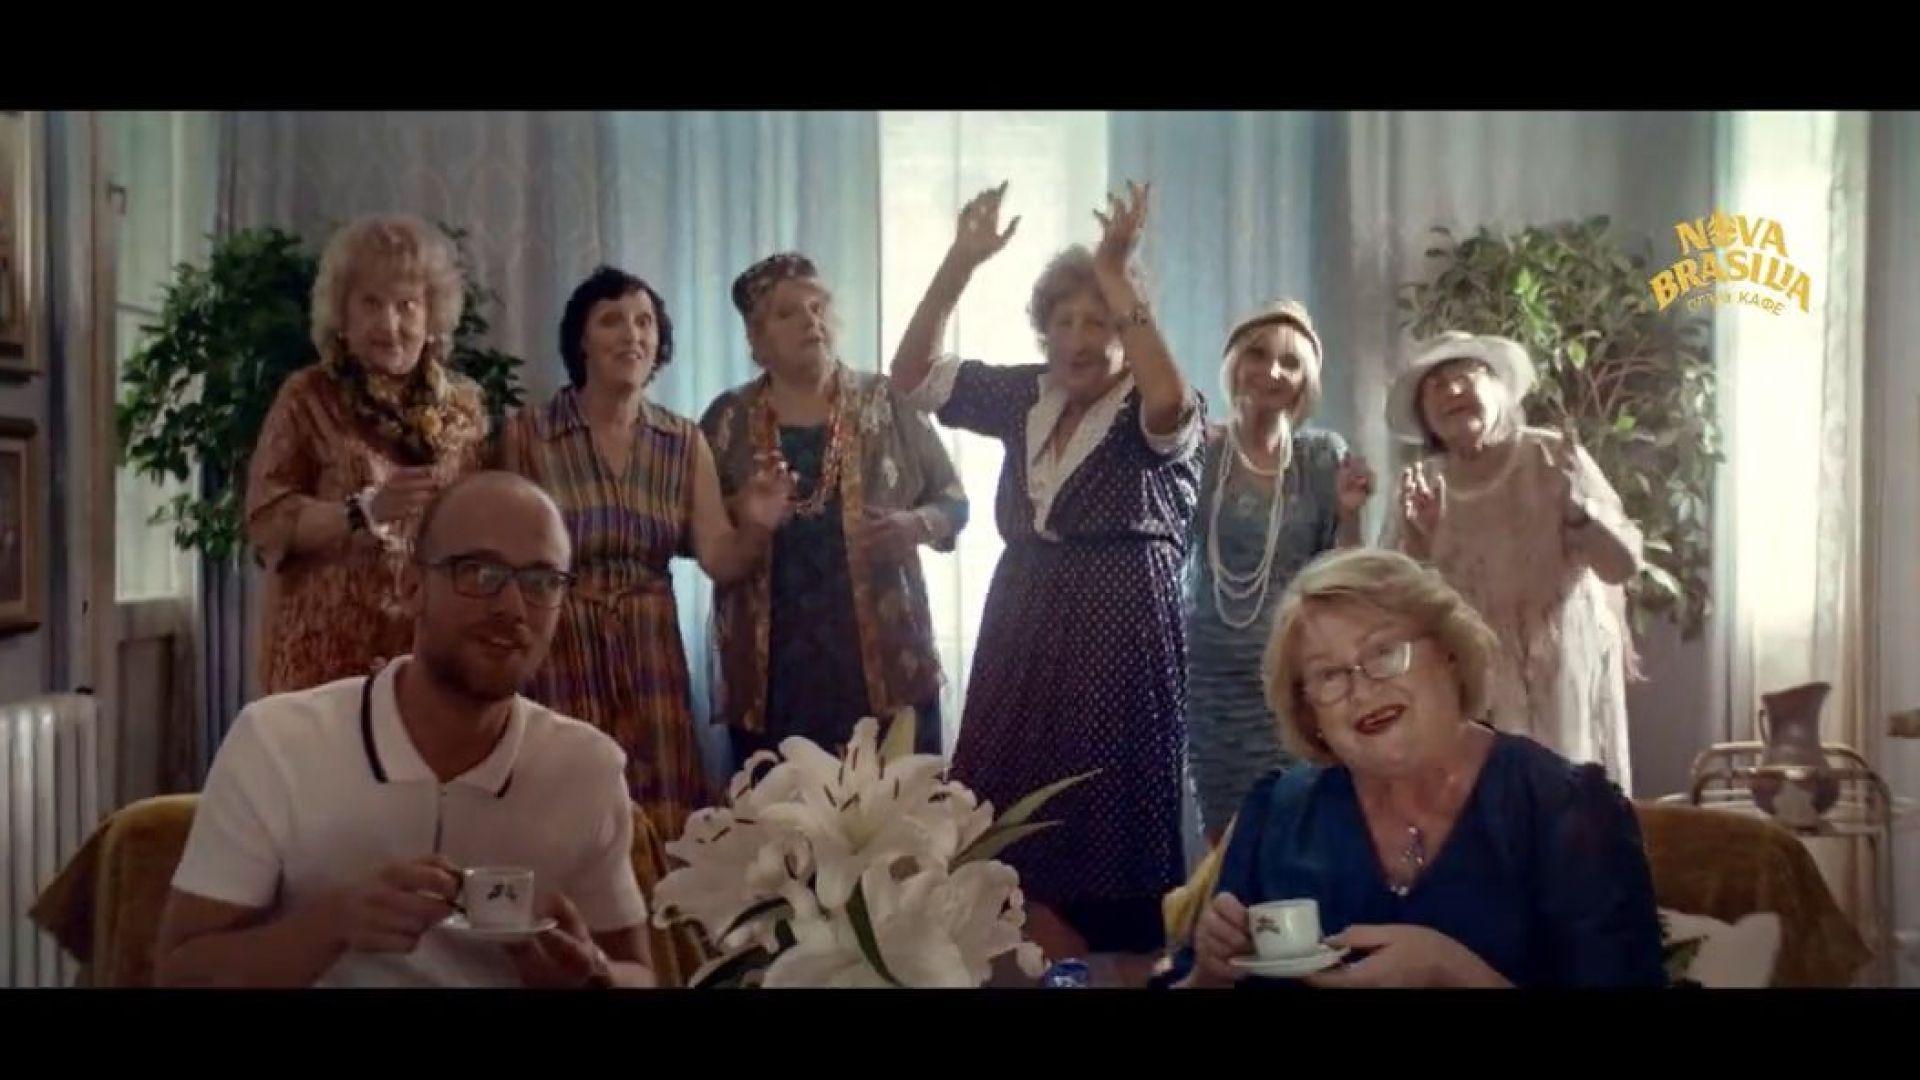 Уикеда се завърнаха във видео с кафе и танцуващи баби